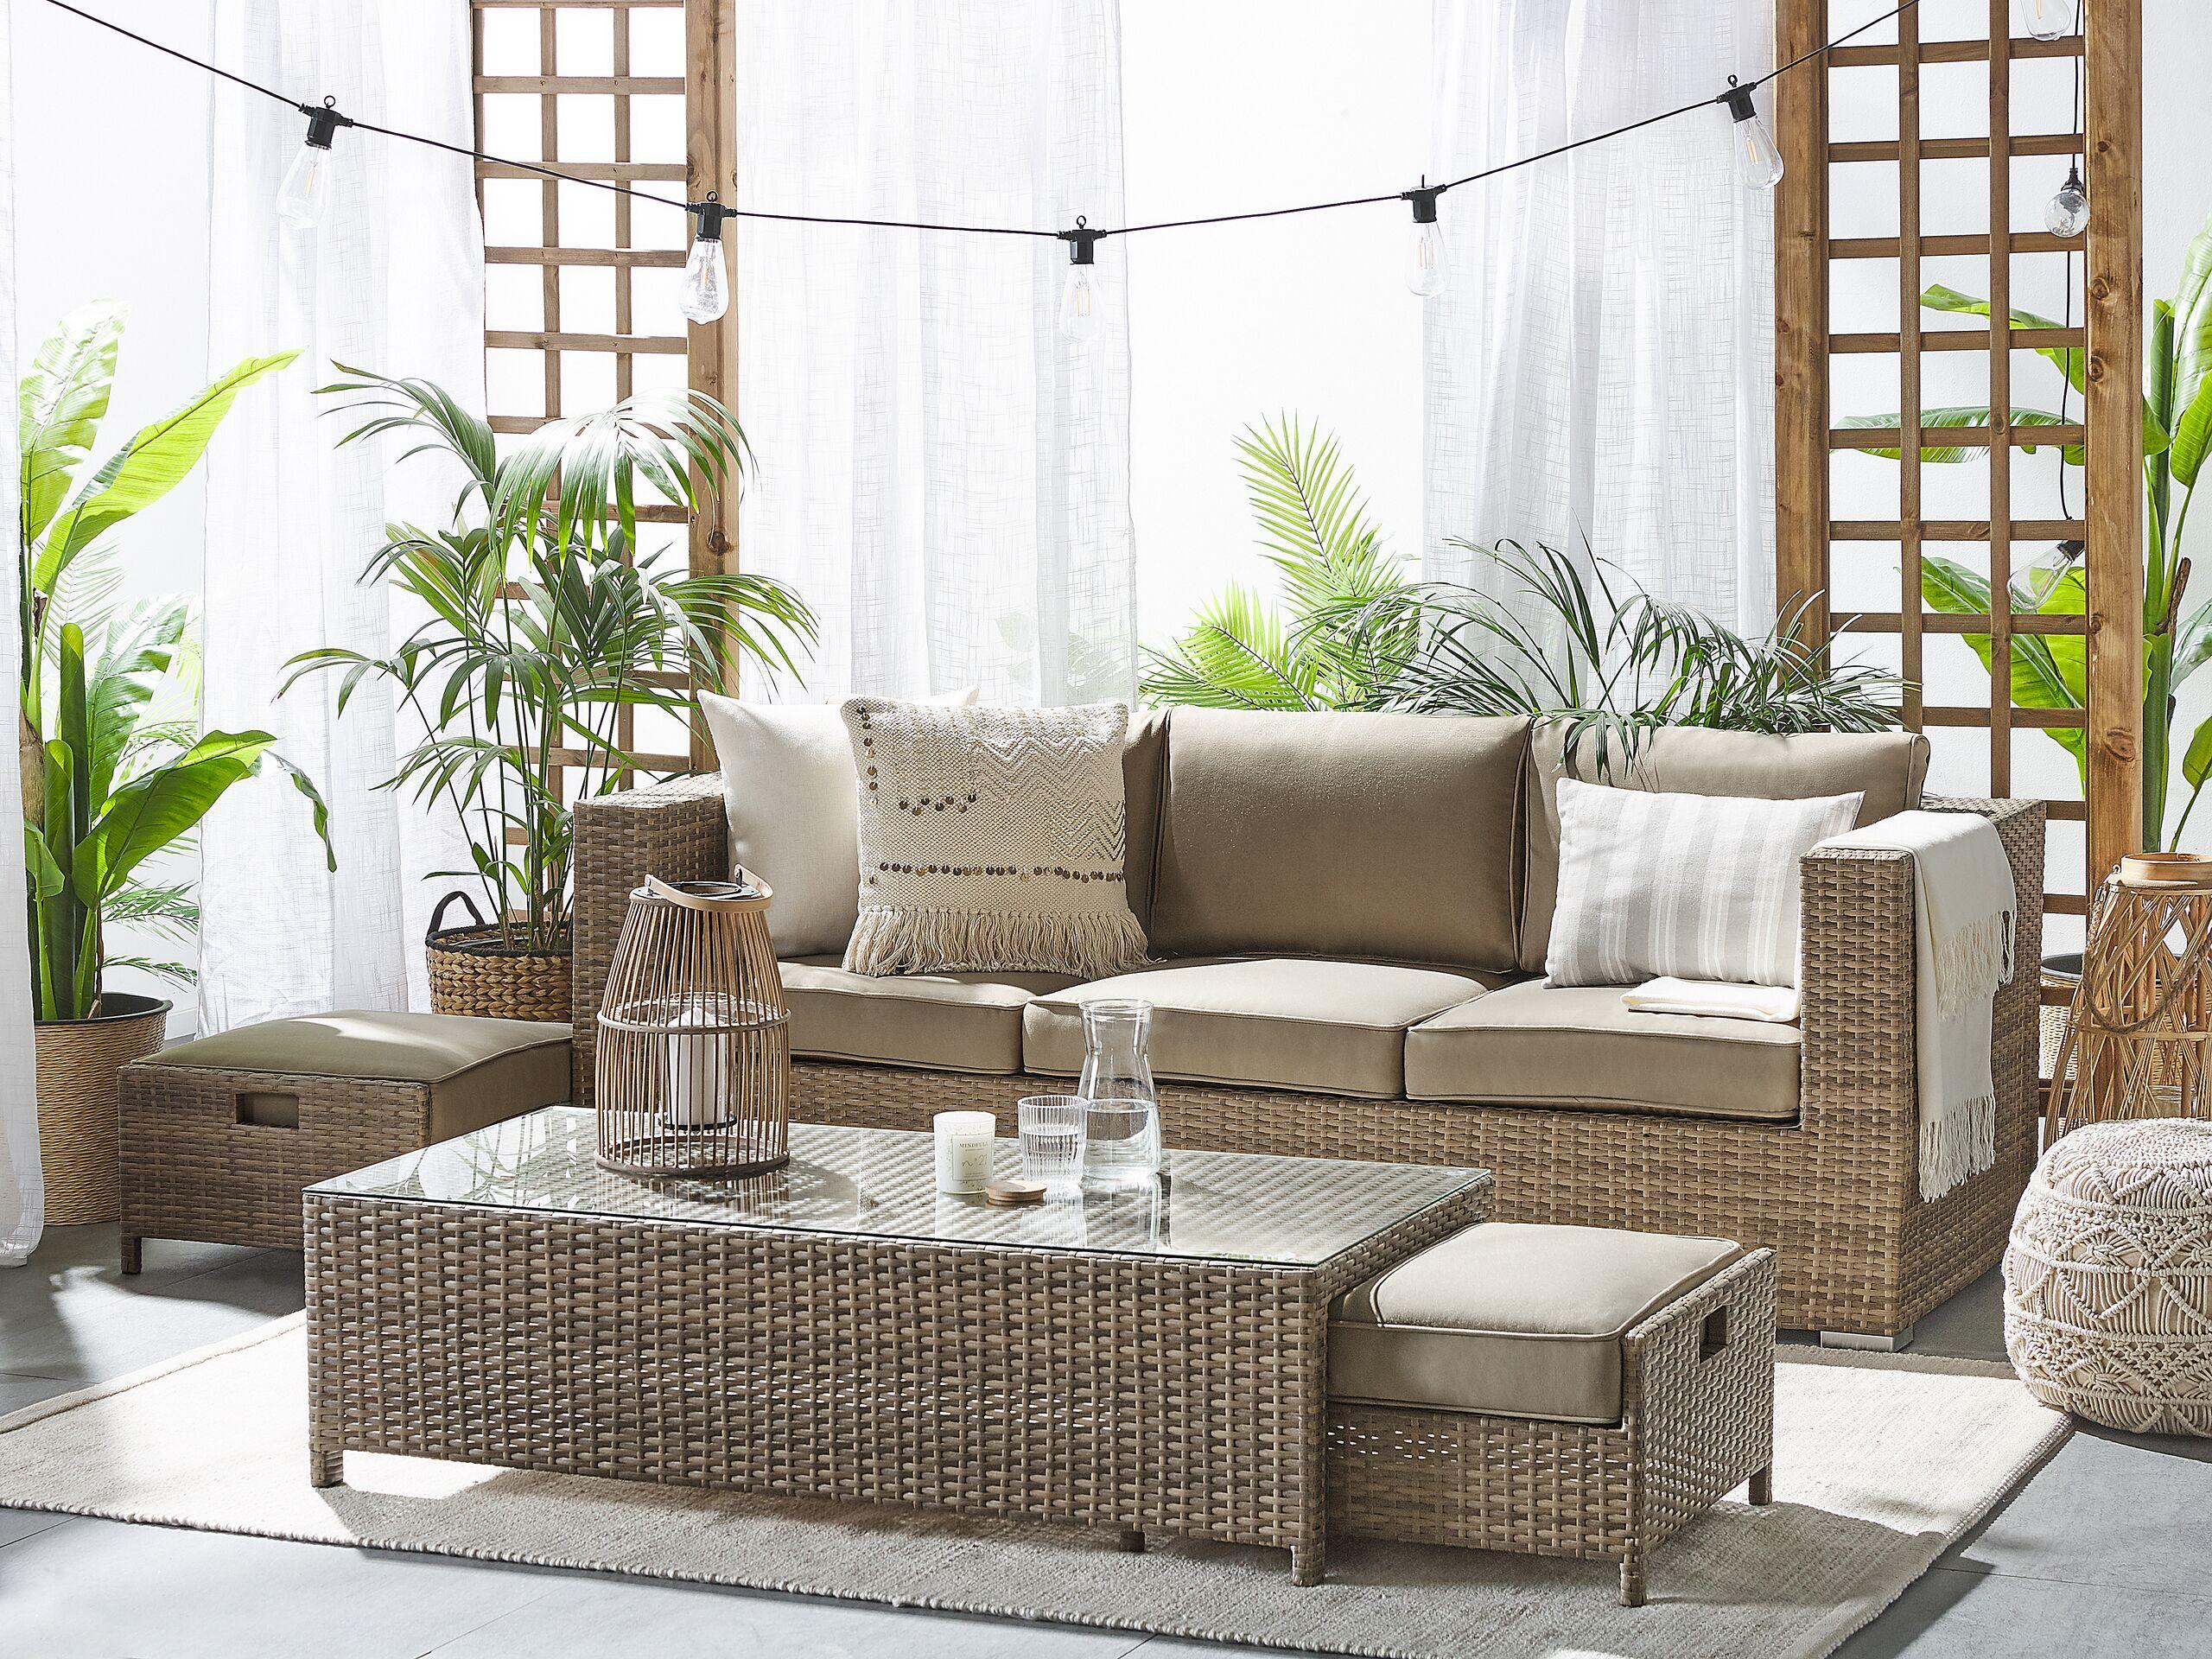 beliani set per esterni divano a 3 posti in ecopelle marrone tavolo e 2 ottomane